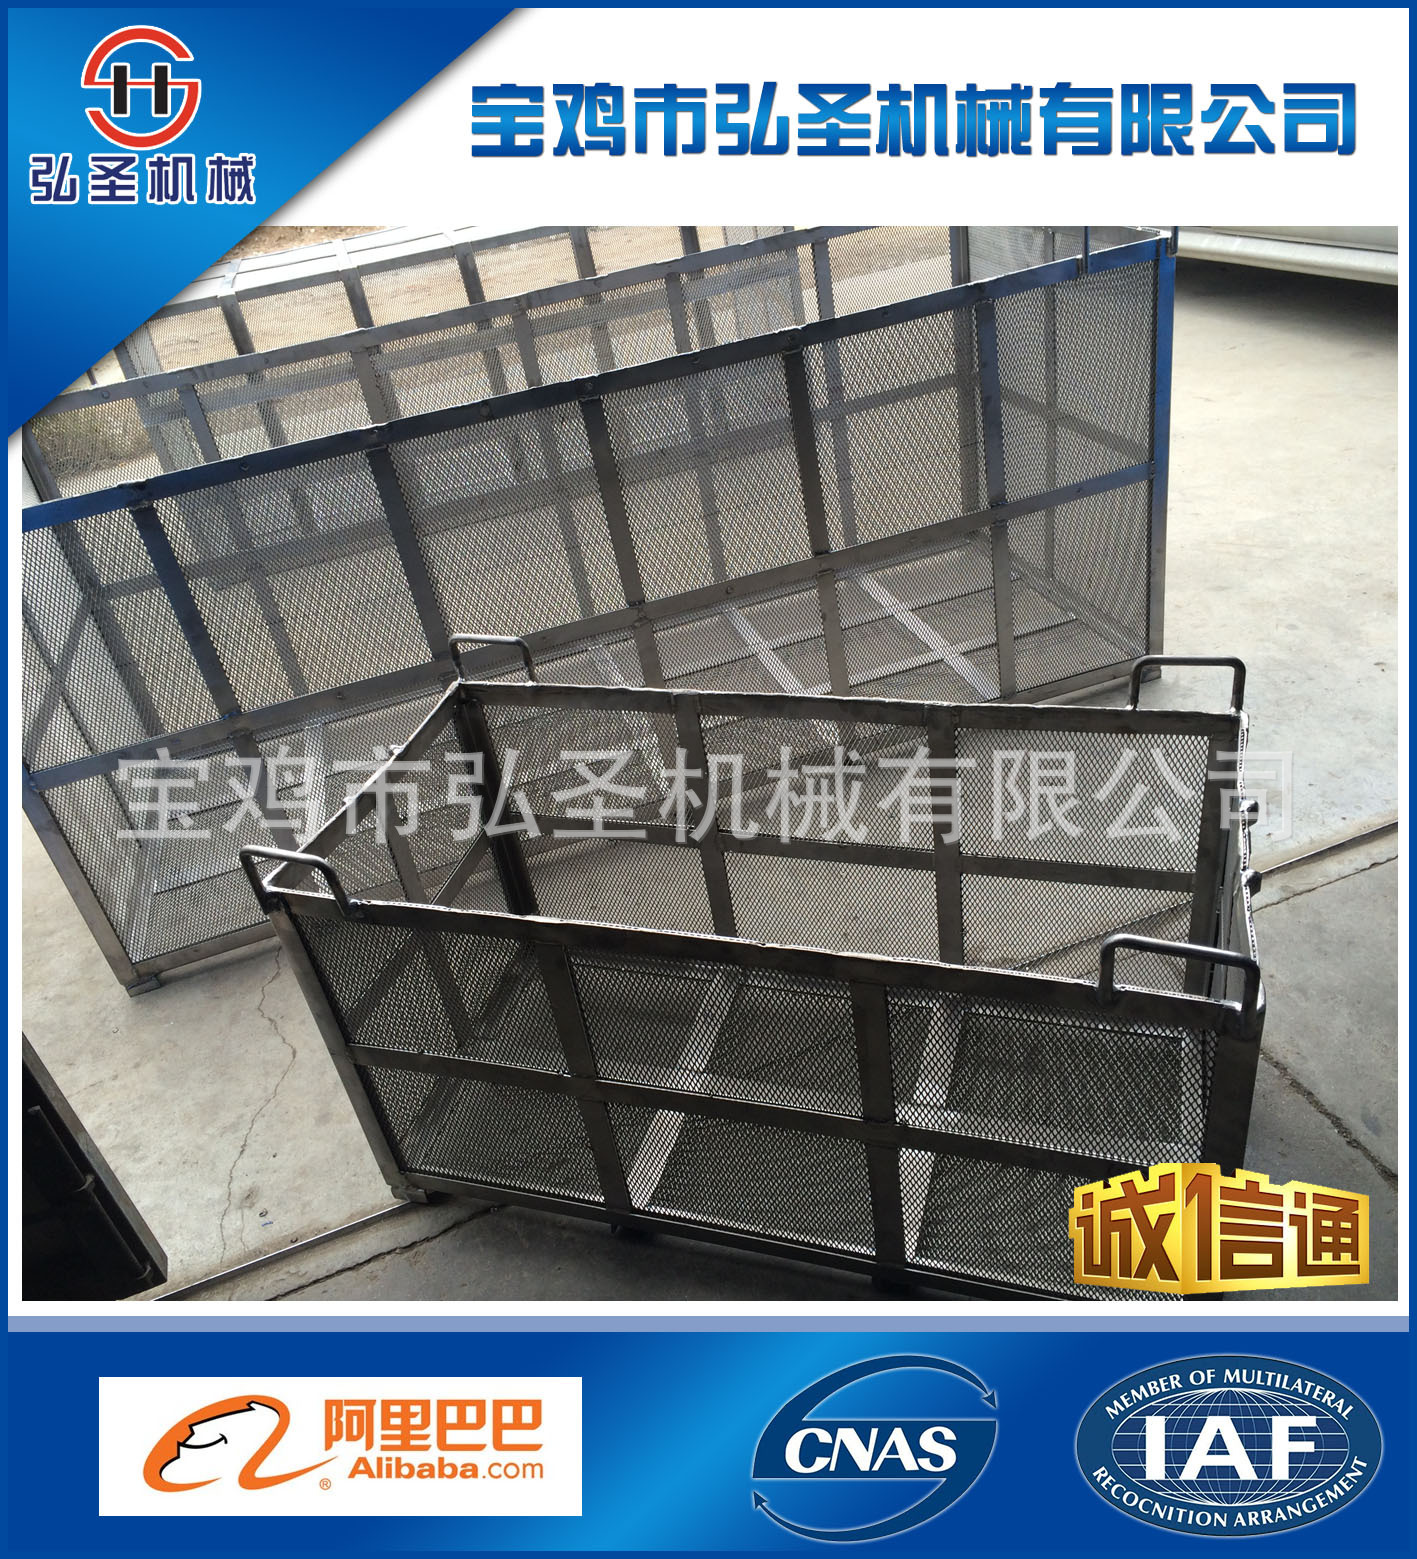 厂家直销 电镀钛蓝 非标钛合金钛篮 异型钛筐 钛材钛兰钛框加工